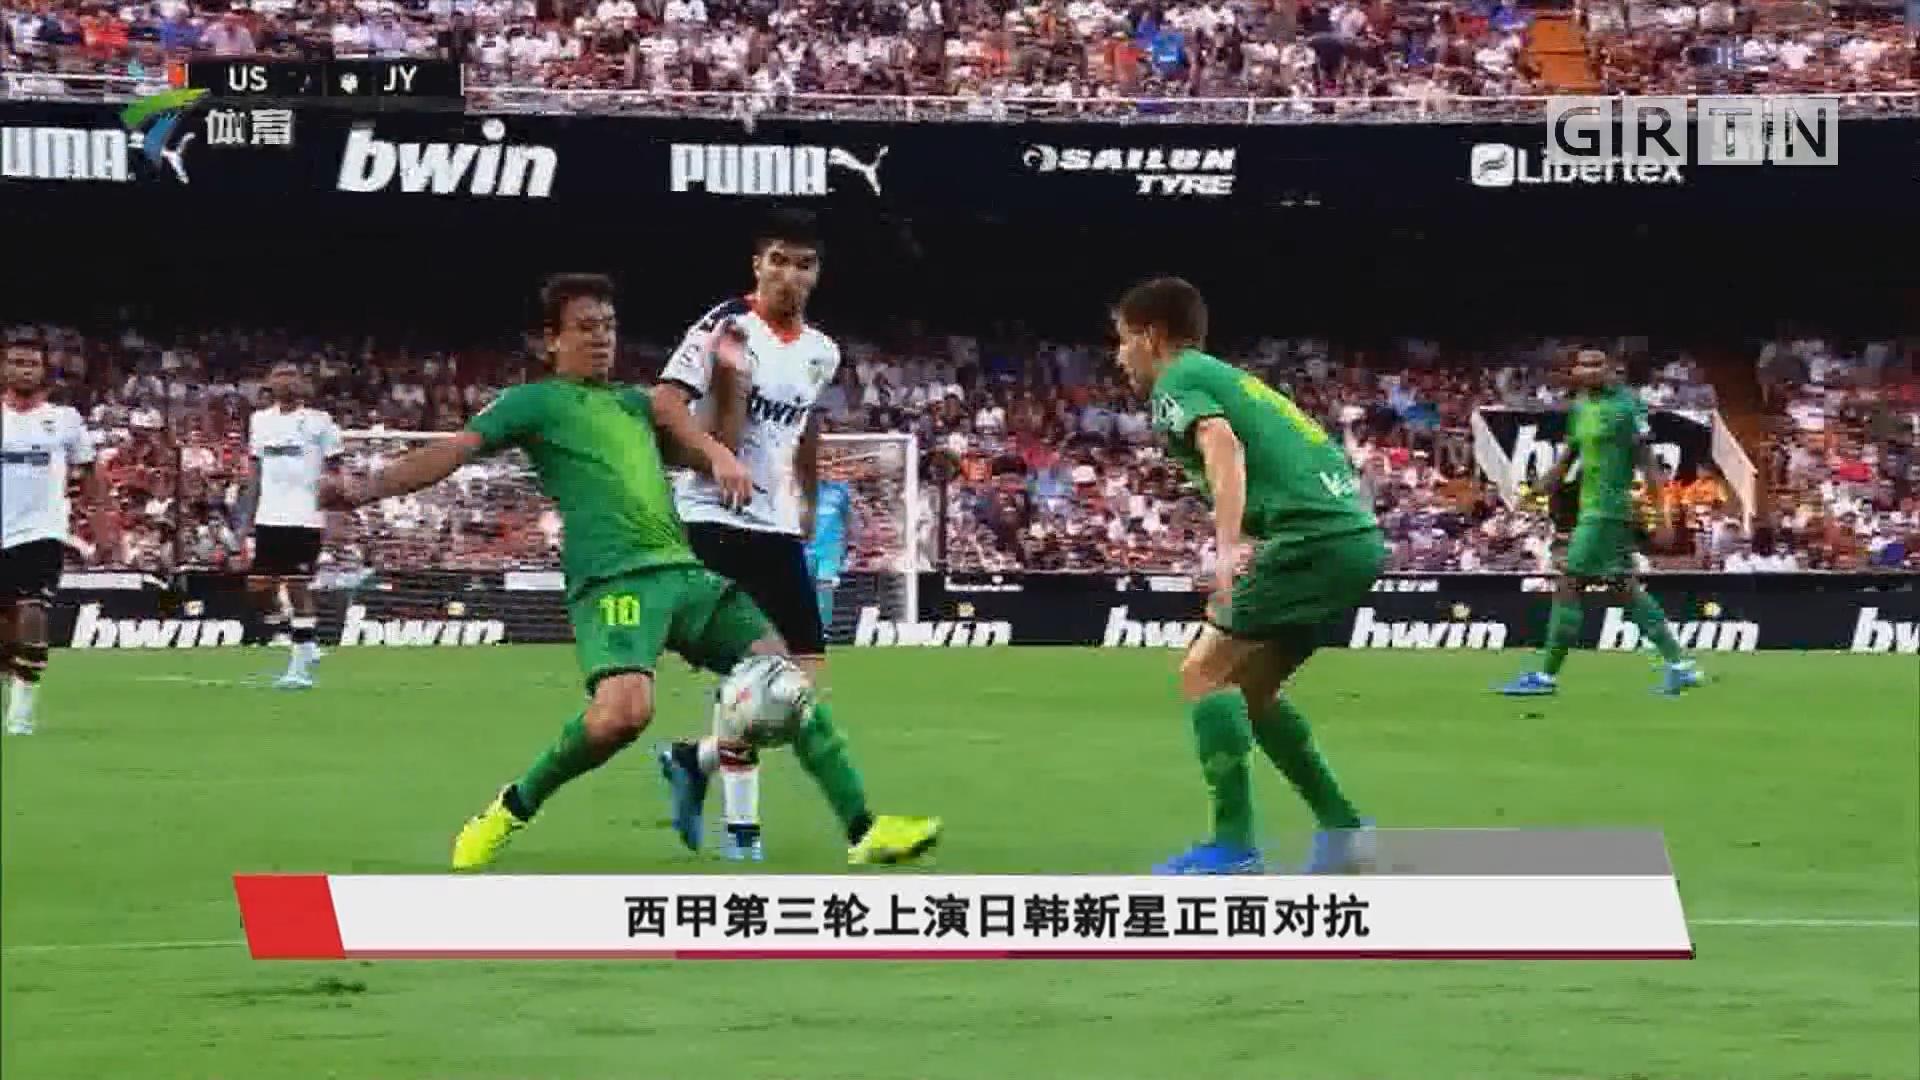 西甲第三轮上演日韩新星正面对抗